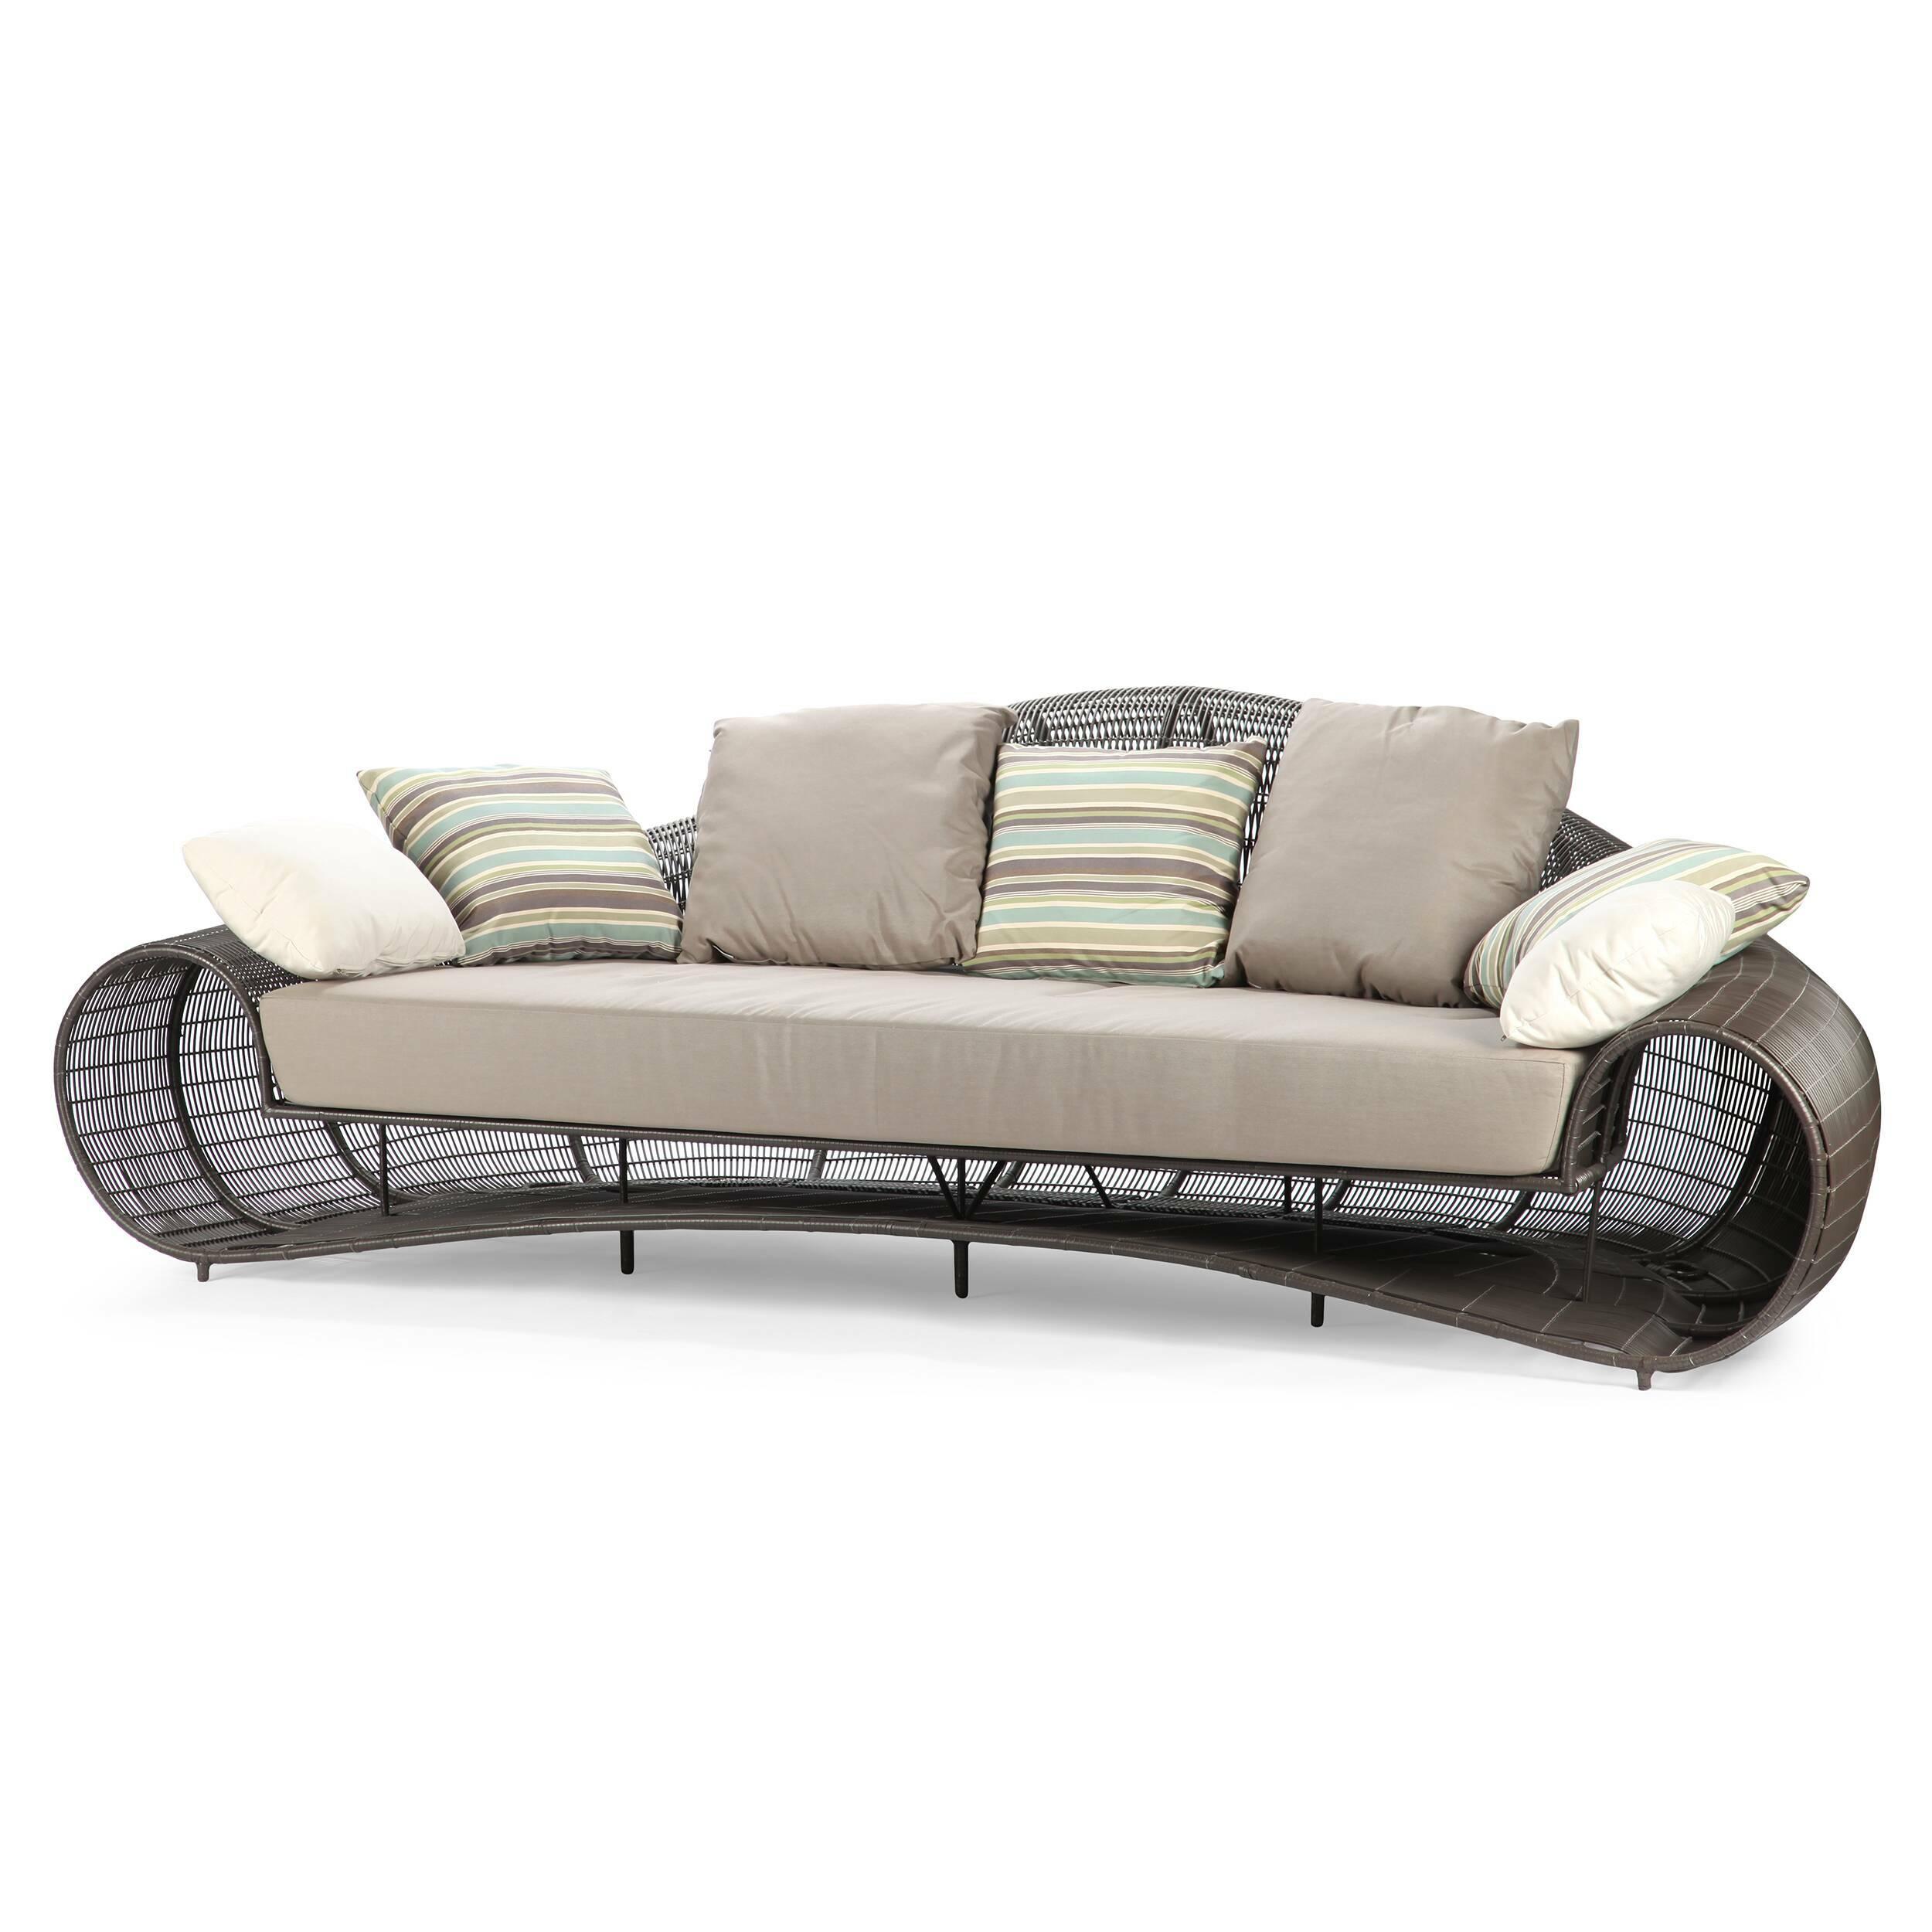 Диван CroissantУличная мебель<br>Диван Croissant — одна из единиц одноименной коллекции уличной мебели. Этот диван подобно популярному французскому лакомству, круассану, — настоящее наслаждение! В этом диване есть все, что сделает ваш отдых по-настоящему приятным — форм спинки, плавно переводящая в подлокотники, мягкое, но упругое сиденье, воздушные подушки... Чтение вашей любимой книги на тенистой лужайке станет вдвойне приятным!<br> <br> В линейке Crissant вы сможете найти кресло и кофейный столик, которые дополнят мебельную.<br><br>stock: 1<br>Высота: 79,5<br>Глубина: 130<br>Длина: 256,5<br>Цвет подушки: Серый<br>Материал подушки: Ткань<br>Тип материала каркаса: Сталь нержавеющя<br>Тип материала обивки: Ткань<br>Цвет обивки: Коричневый<br>Цвет каркаса: Коричневый